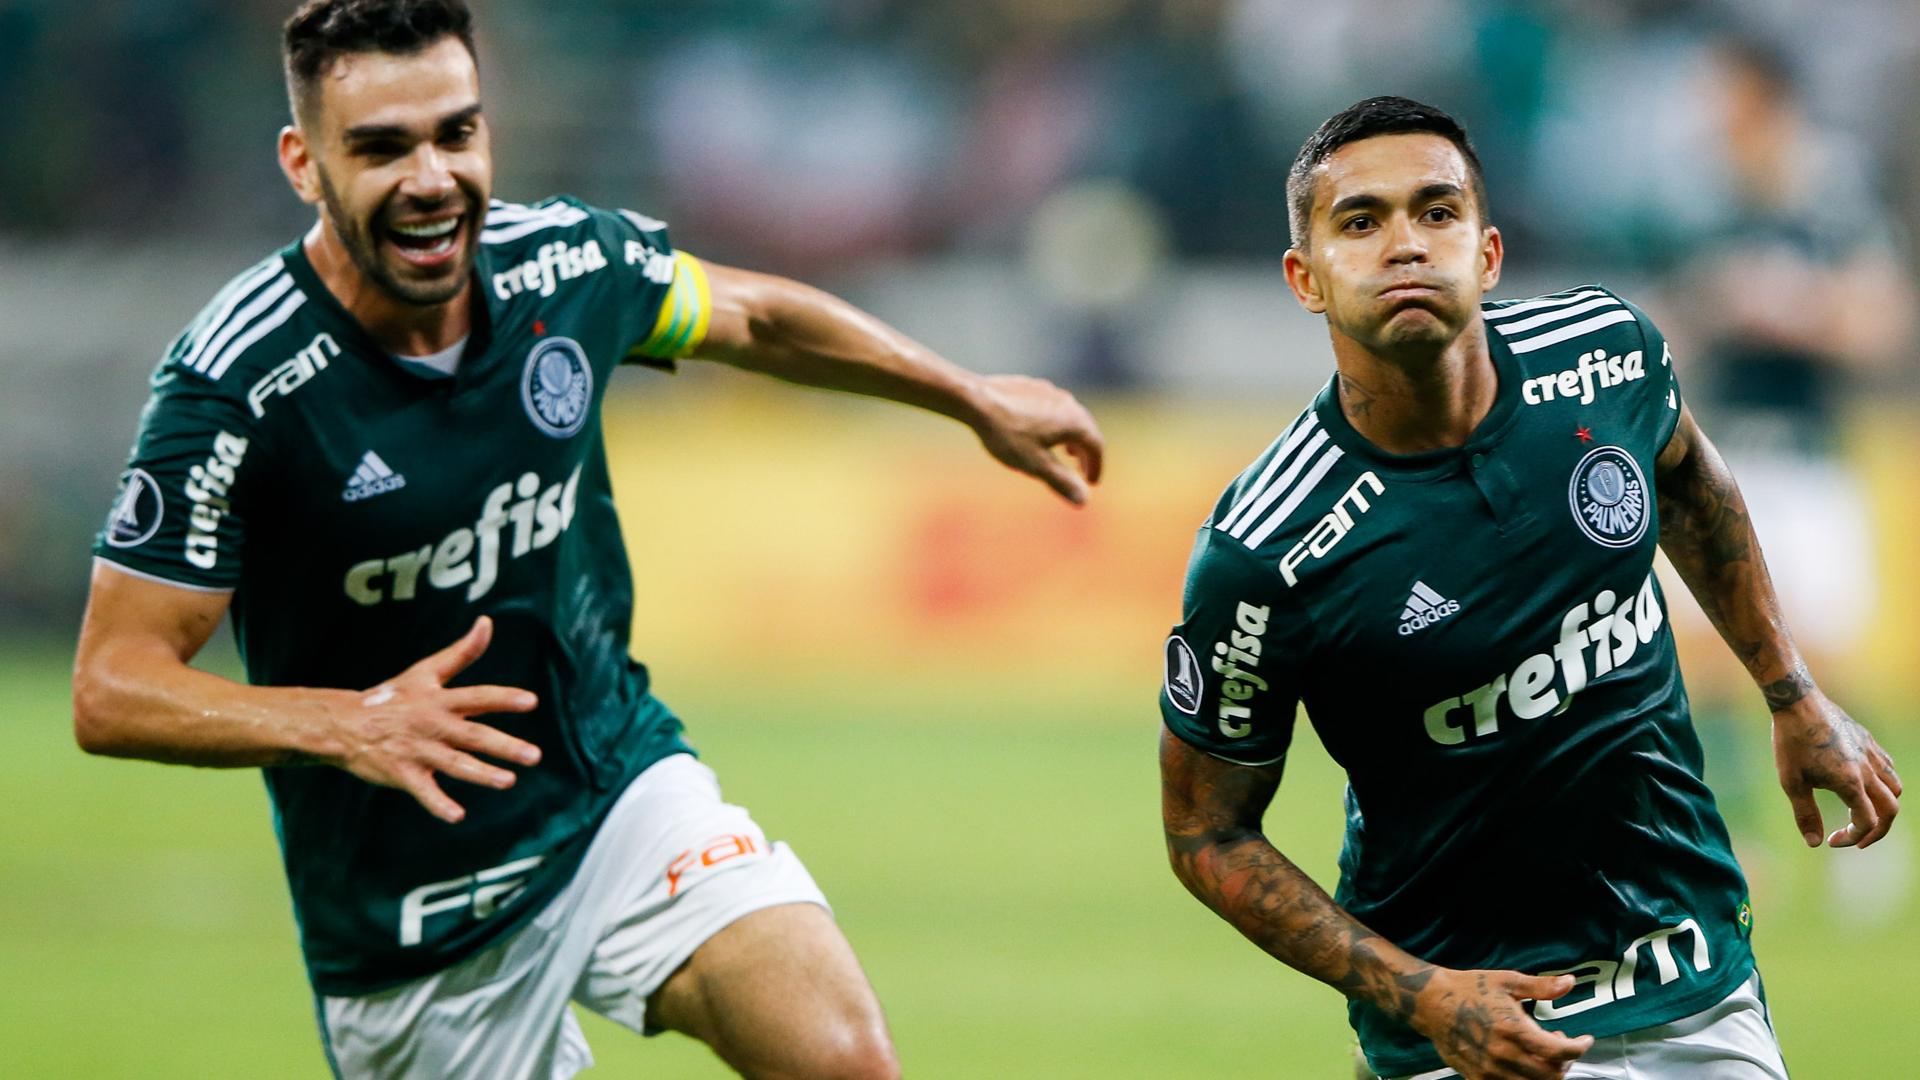 Palmeiras 2 Colo-Colo 0 (4-0 agg): Scolari's side ease into Libertadores semis